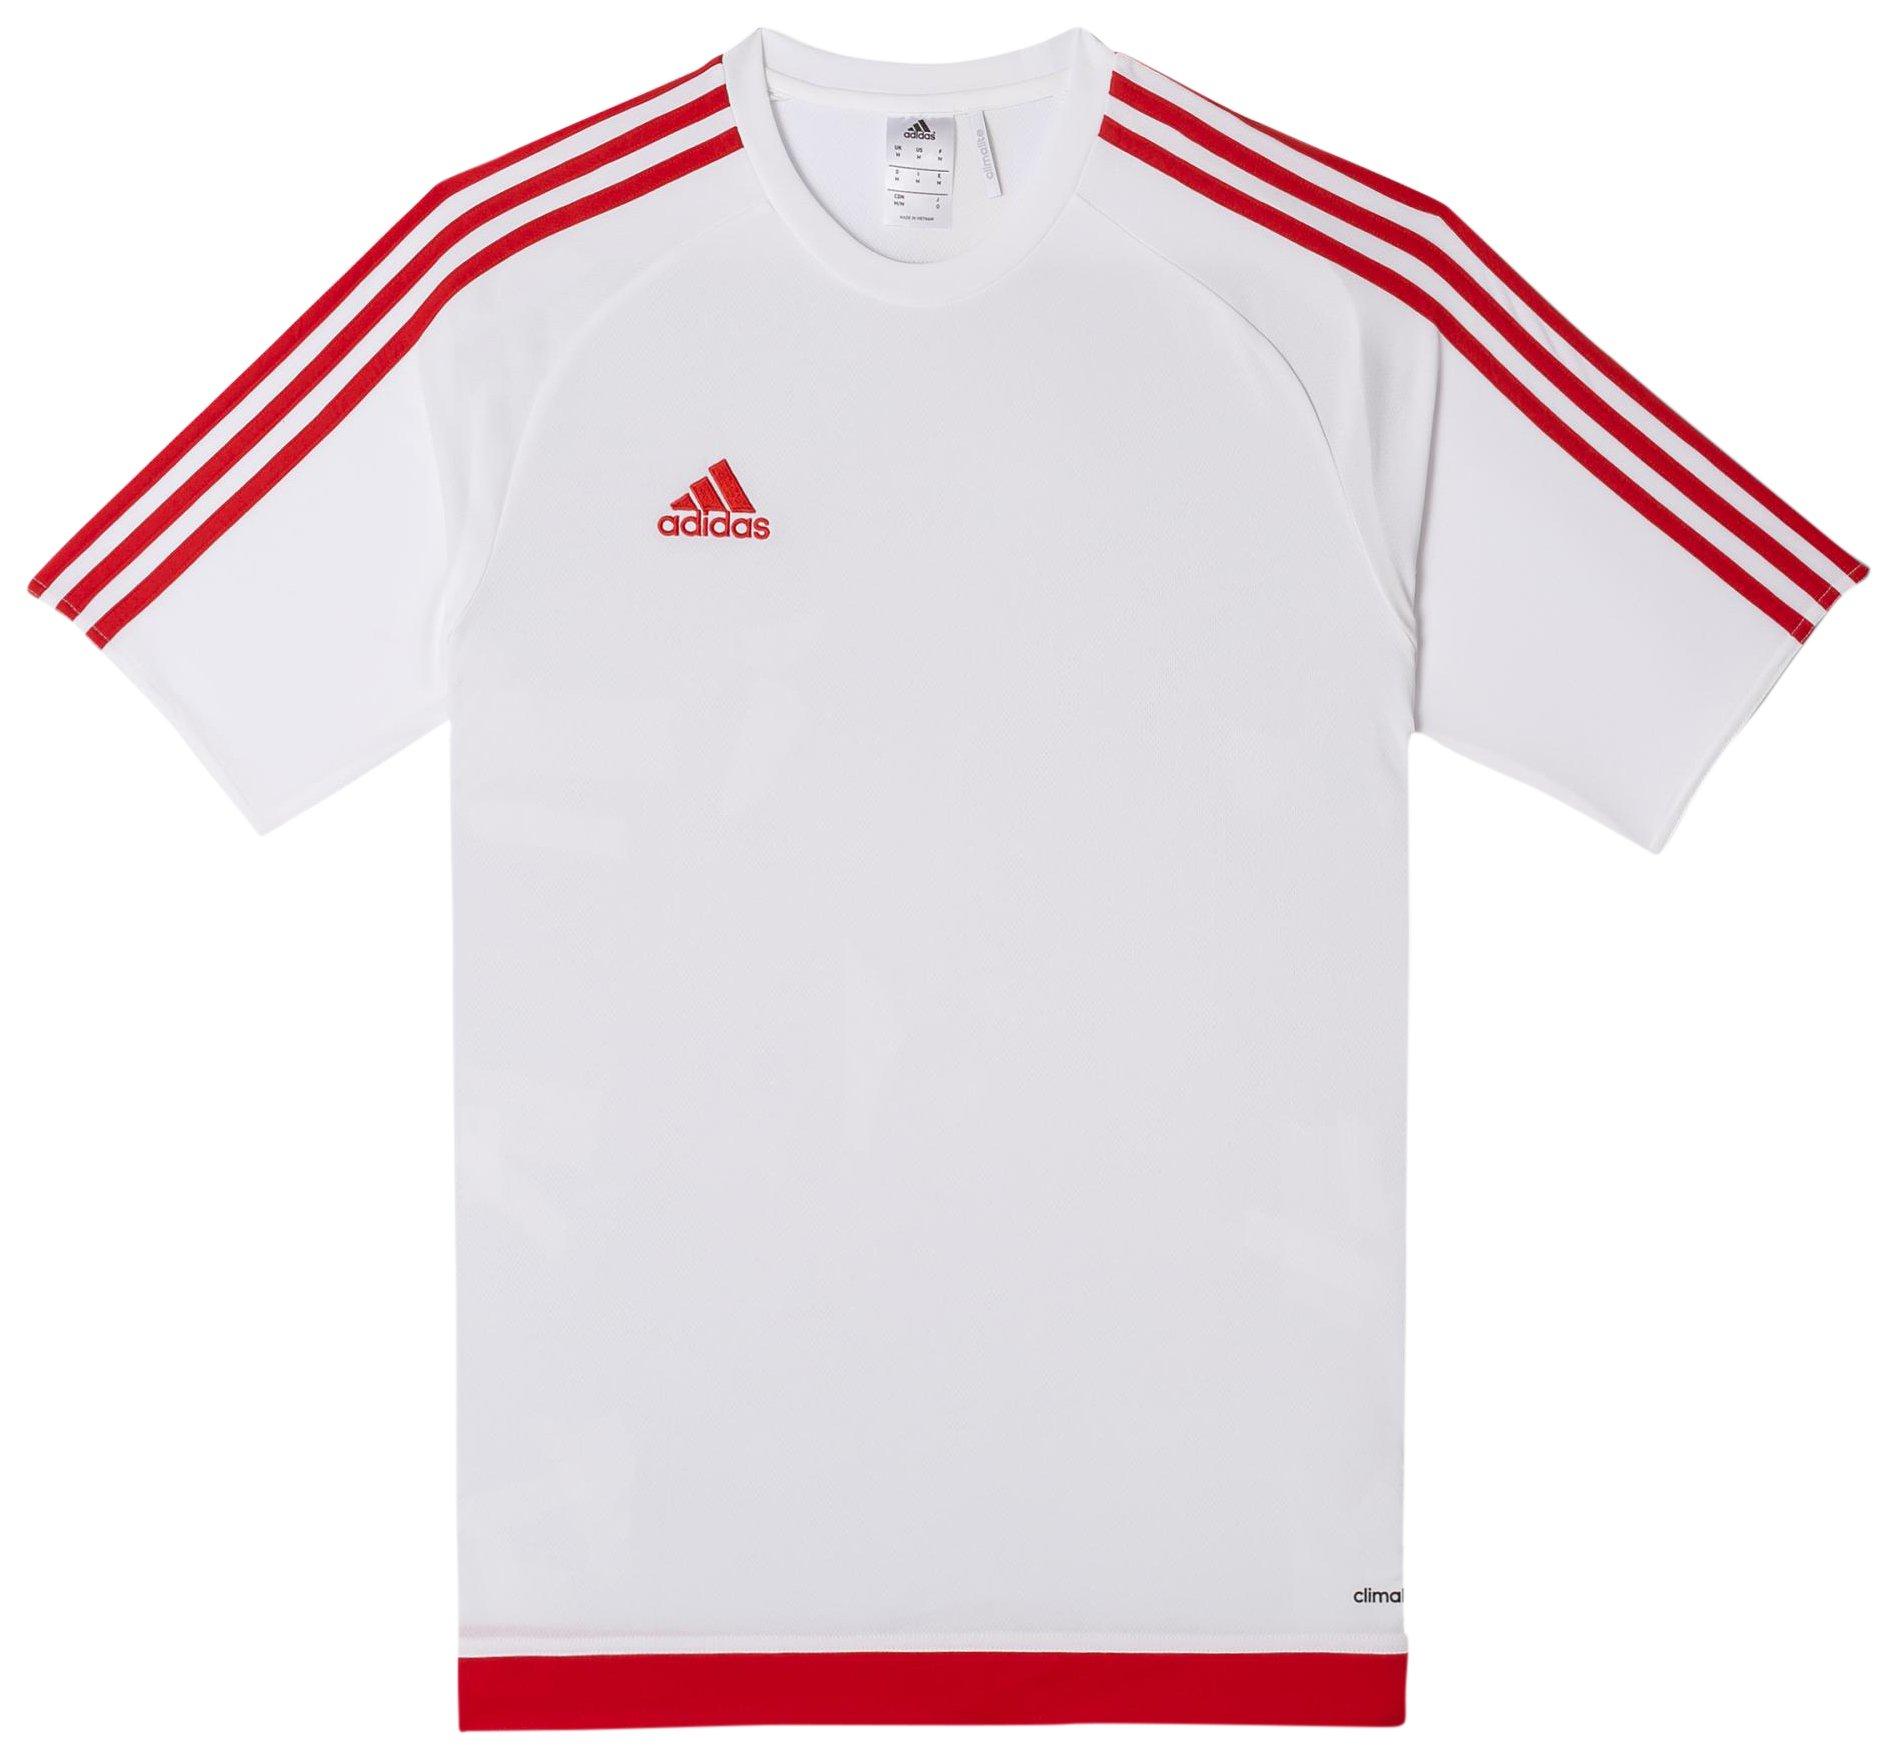 adidas Estro 15 JSY - Camiseta para hombre, color blanco/rojo, talla S